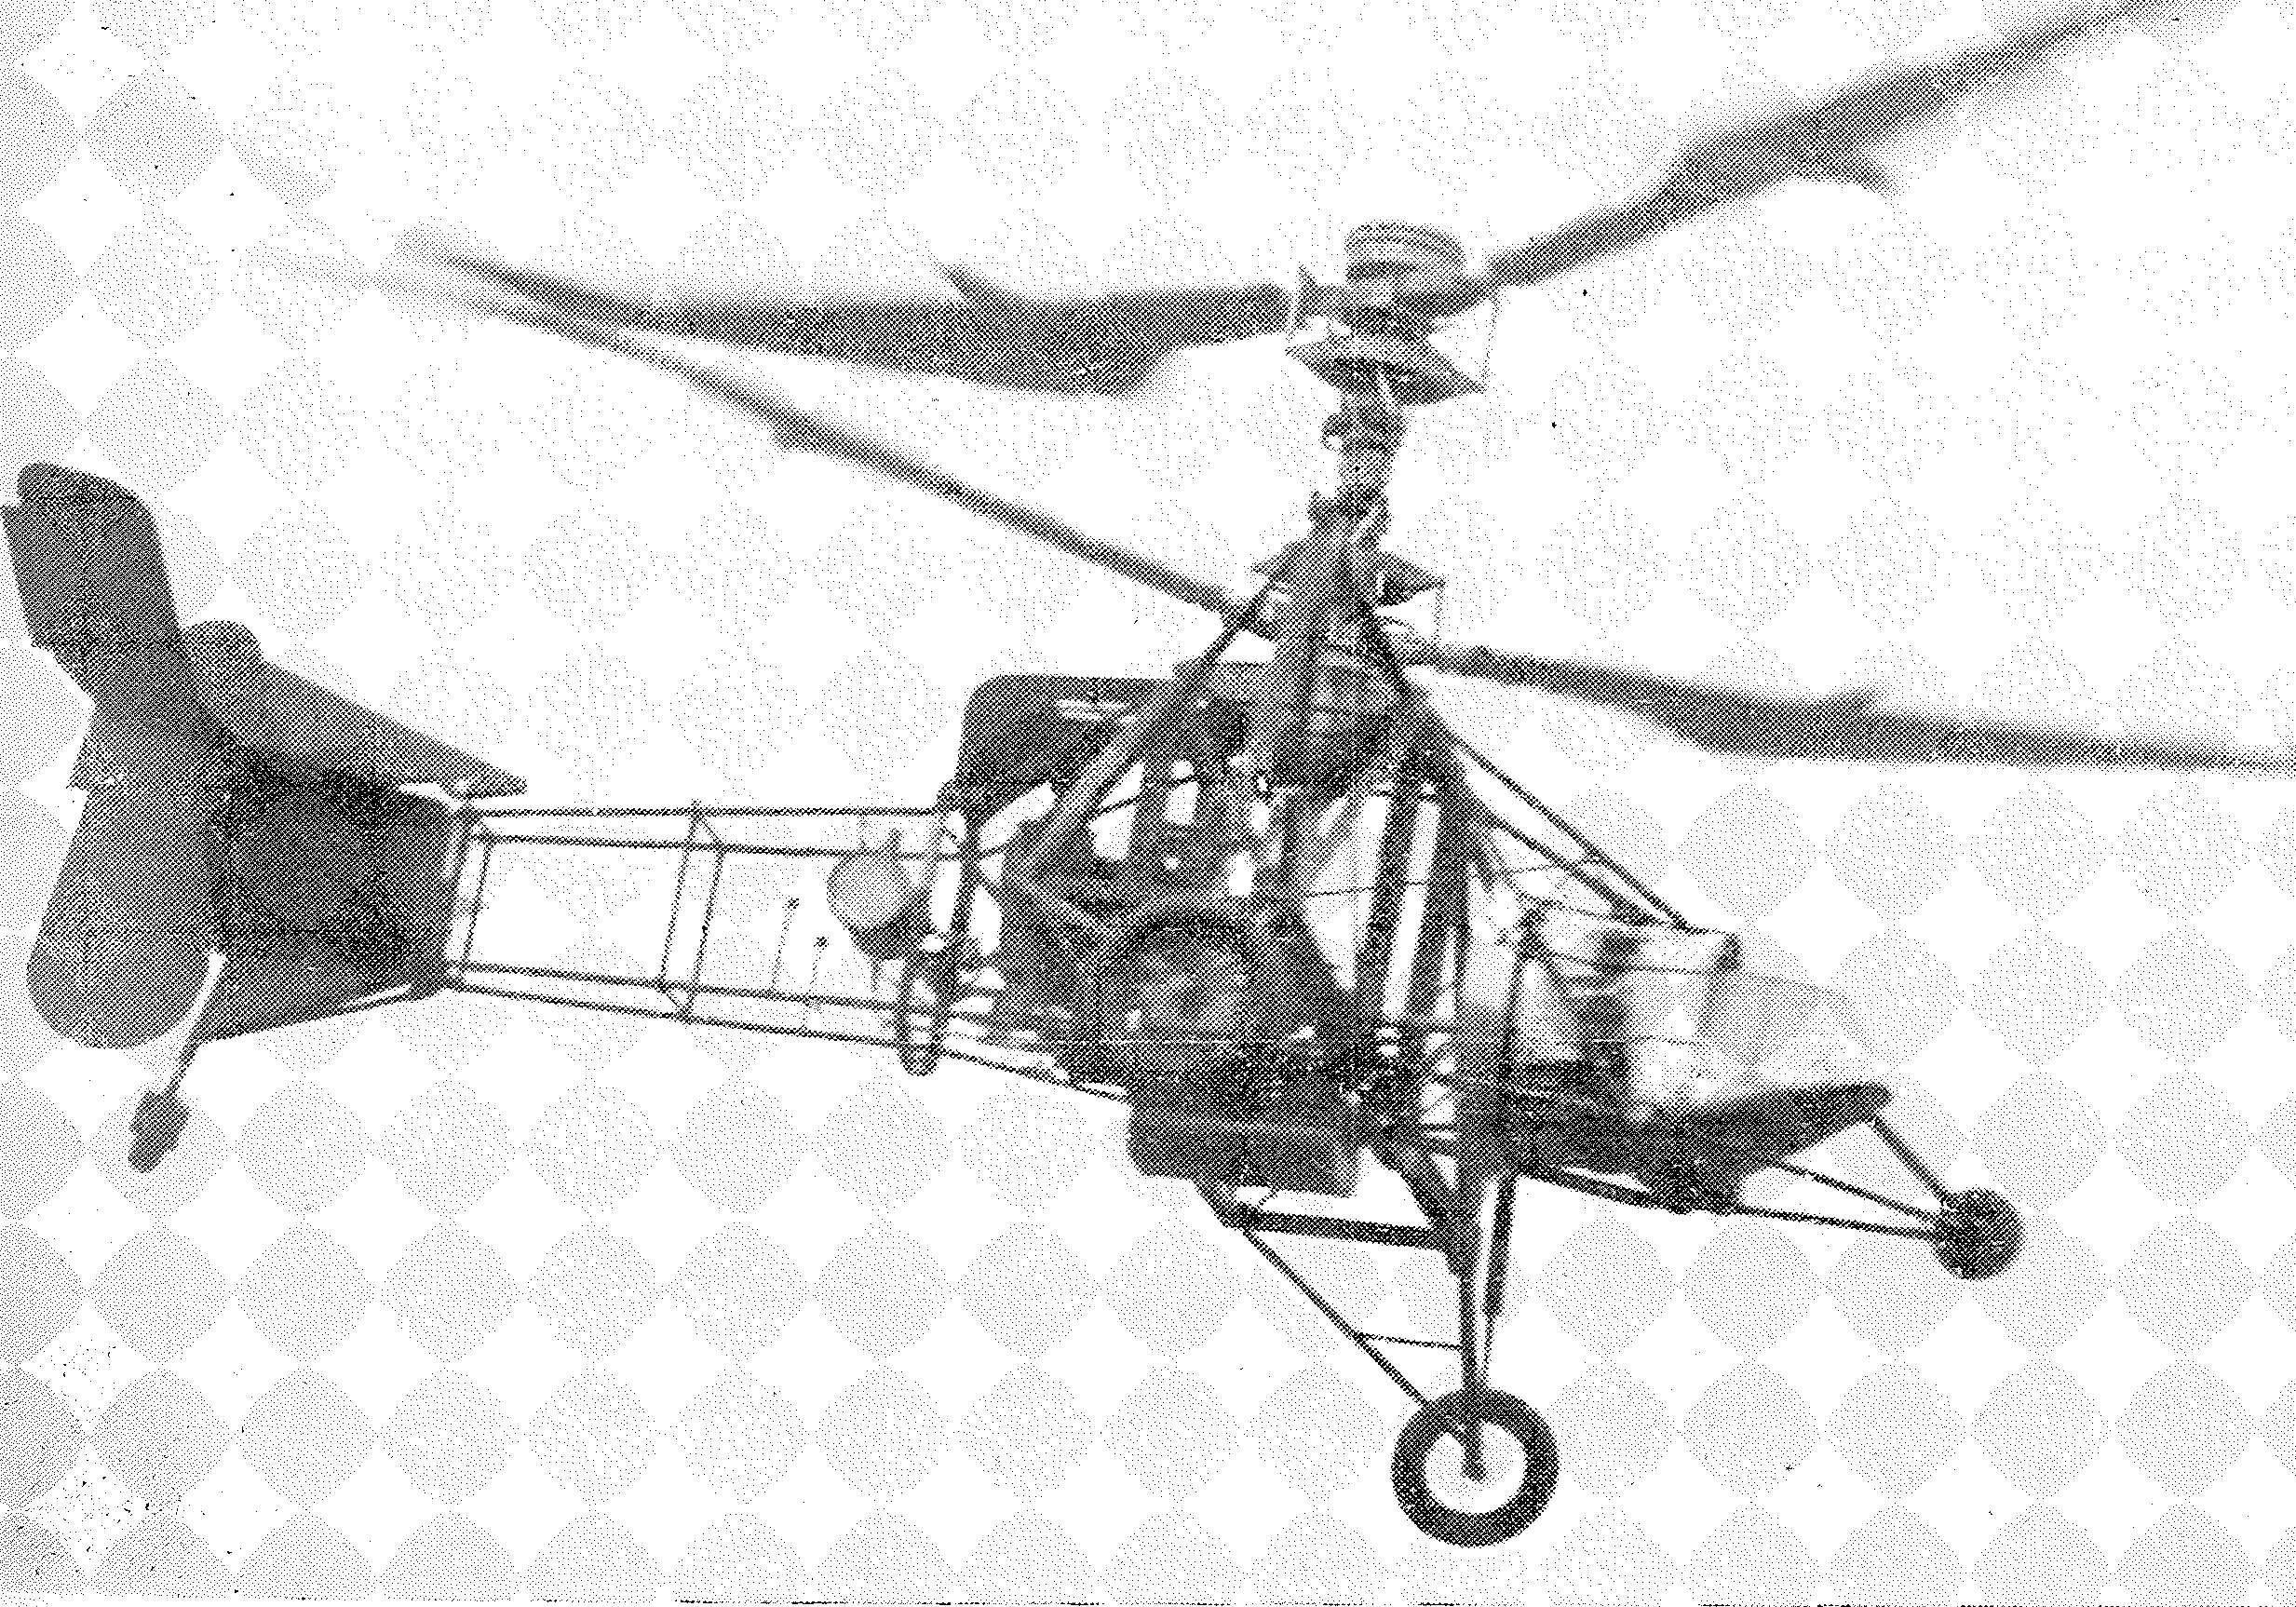 Luftfahrt und Luftverkehr sowie Luftwaffe im Dritten Reich 1937